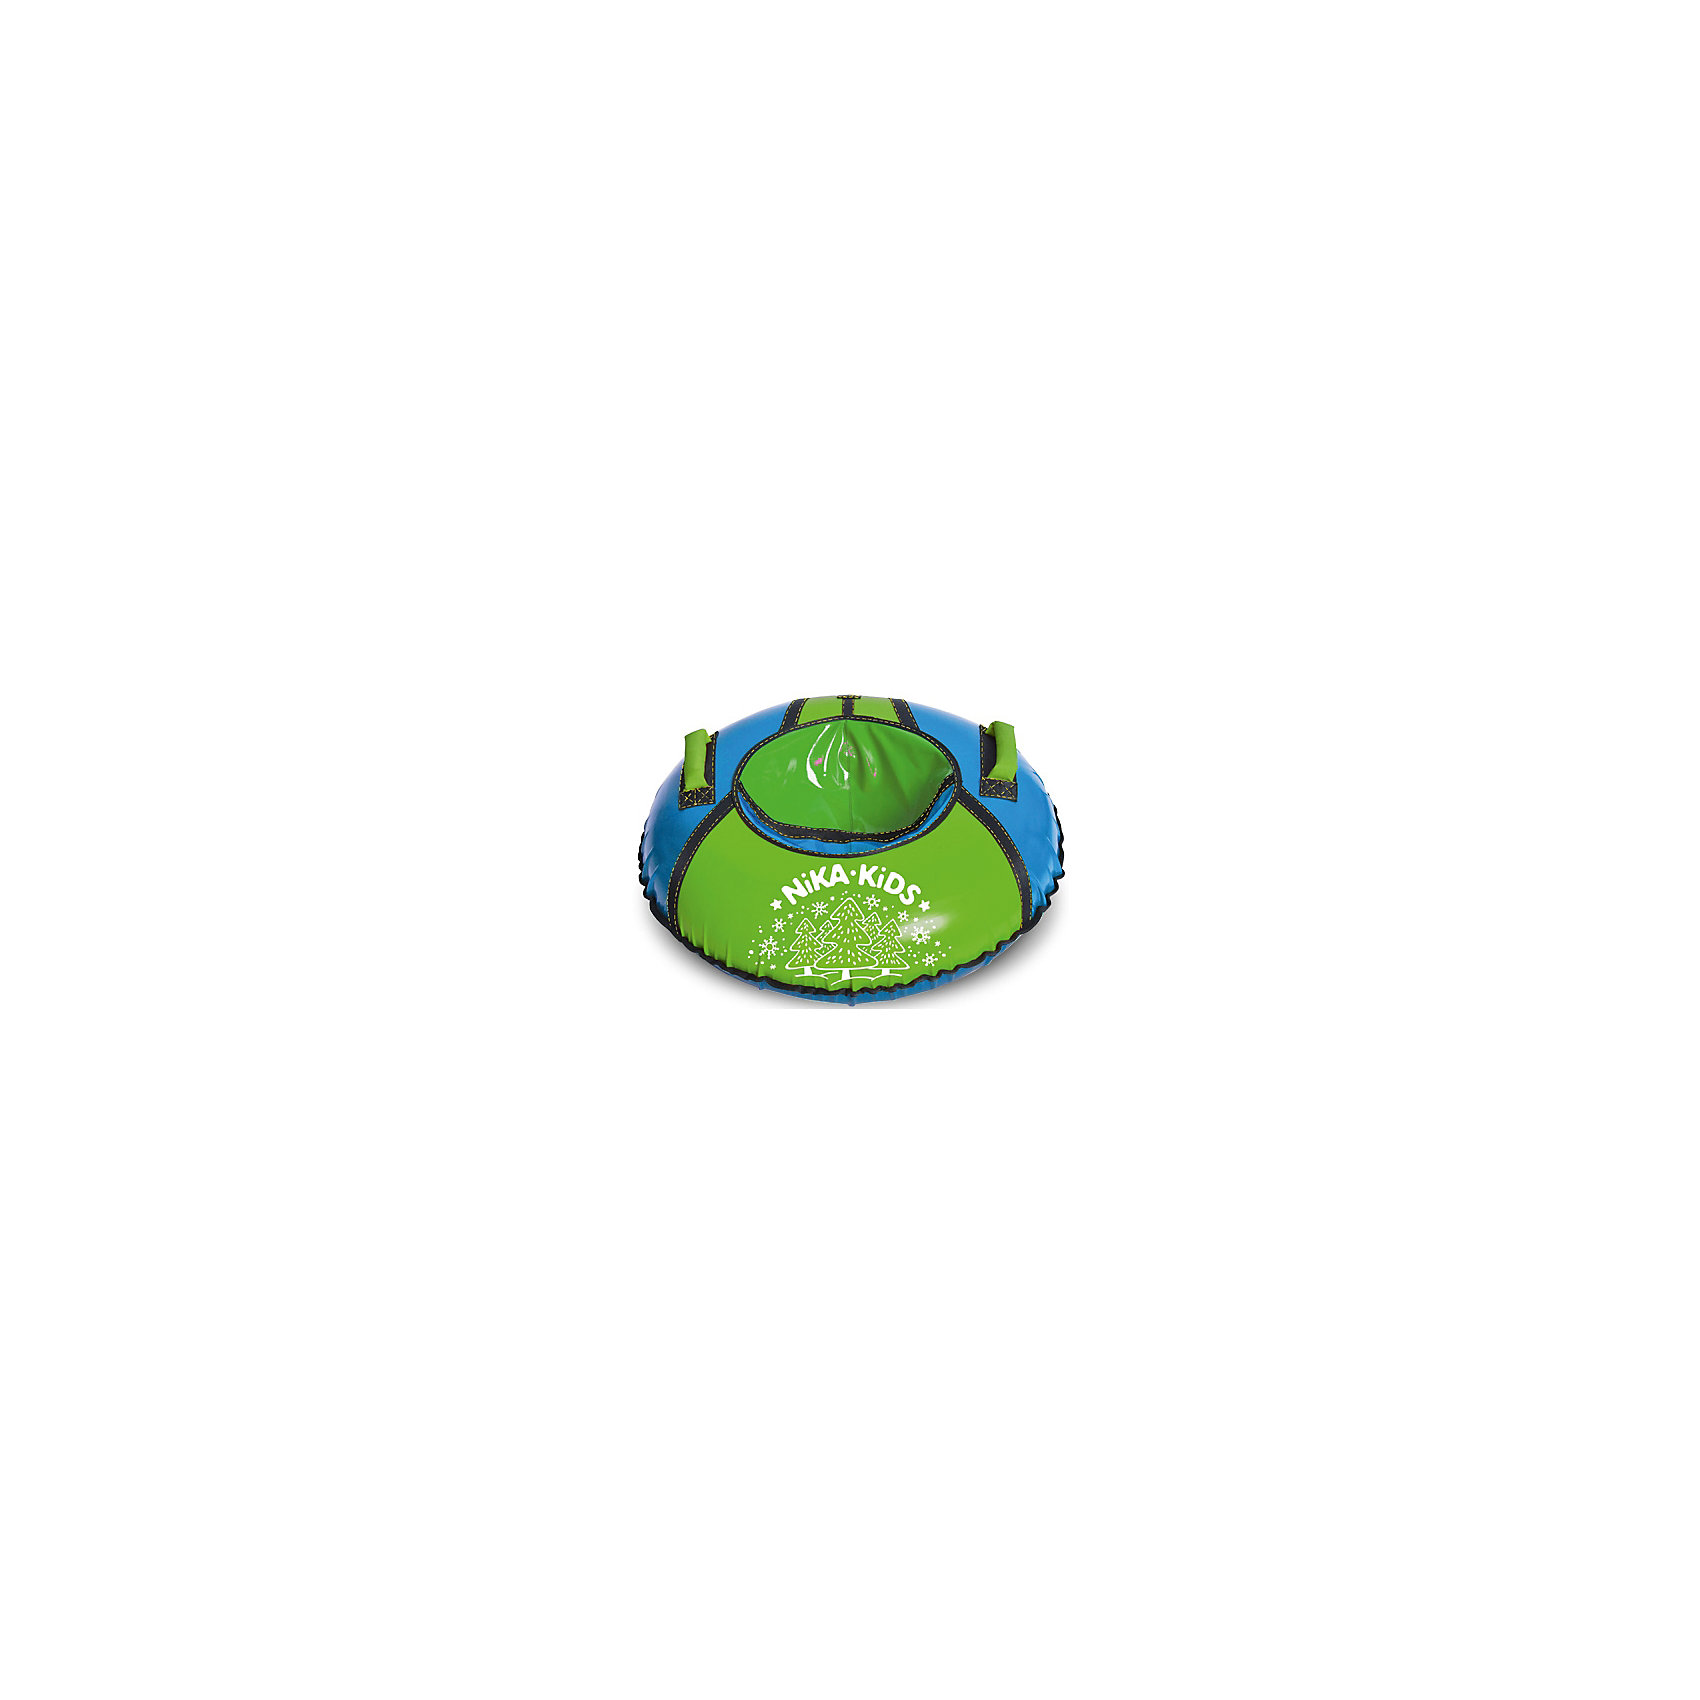 Тюбинг Елочки, НикаТюбинг Елочки, Ника - яркий тюбинг с красочным рисунком, который  превратит зимнюю прогулку в увлекательное событие. Надувные сани полностью изготовлены из высококачественной тентовой ПВХ ткани с глянцевой поверхностью. Усиленная камера входит в комплект изделия.<br> <br>• Верх автотент 550 гр/кв.м<br> • Усиленное дно автотент 850 гр/кв.м<br> • Диаметр тюбинга в надутом состоянии 950мм<br> • Диаметр тюбинга в сдутом состоянии 1050мм<br> • Устойчивый к морозам материал (до -25-28 С)<br> • Все швы усилены капроновой лентой<br> • Буксировочный ремень<br> • Эргономичные усиленные ручки<br> • Защитный внутренний клапан с потайной молнией<br> • Усиленная камера в комплекте<br> • Максимальная нагрузка 100 кг<br> • Рекомендуемый возраст от 12 лет<br> • В упаковке-1шт.<br><br>Тюбинг Елочки, Ника можно купить в нашем интернет-магазине.<br><br>Ширина мм: 300<br>Глубина мм: 300<br>Высота мм: 30<br>Вес г: 2000<br>Возраст от месяцев: 36<br>Возраст до месяцев: 144<br>Пол: Унисекс<br>Возраст: Детский<br>SKU: 5248182